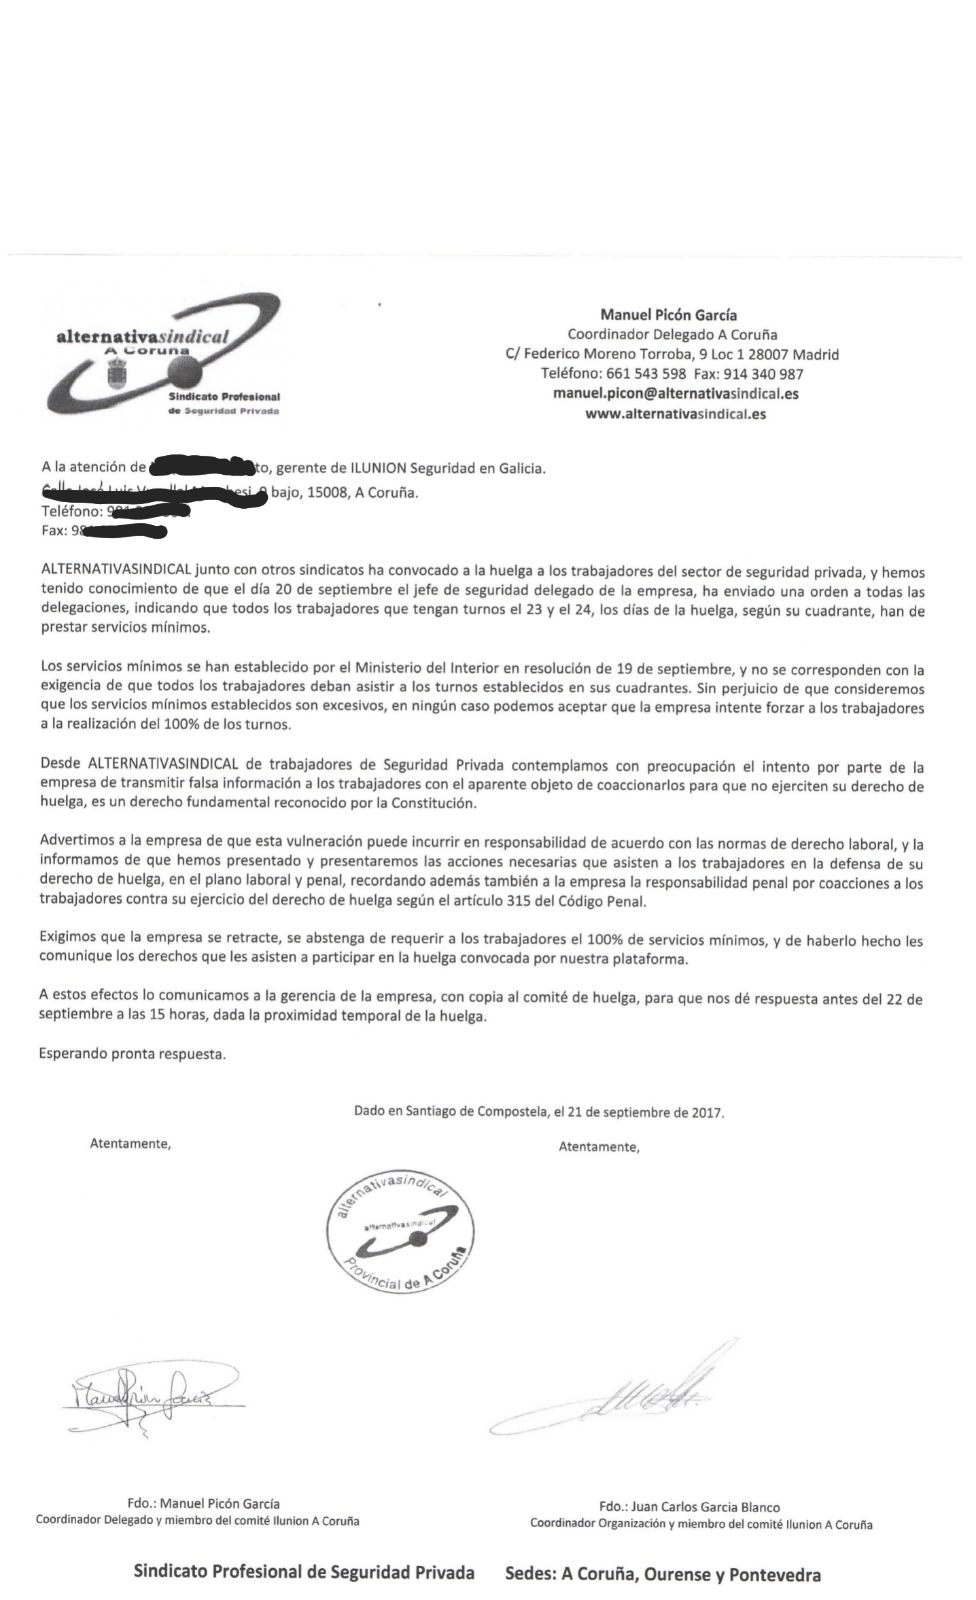 ALTERNATIVASINDICAL A CORUÑA ENVÍA ESCRITO DIRIGIDO A LA GERENTE DE ILUNION SEGURIDAD GALICIA - MOTIVO HUELGA 23 Y 24-9-2017